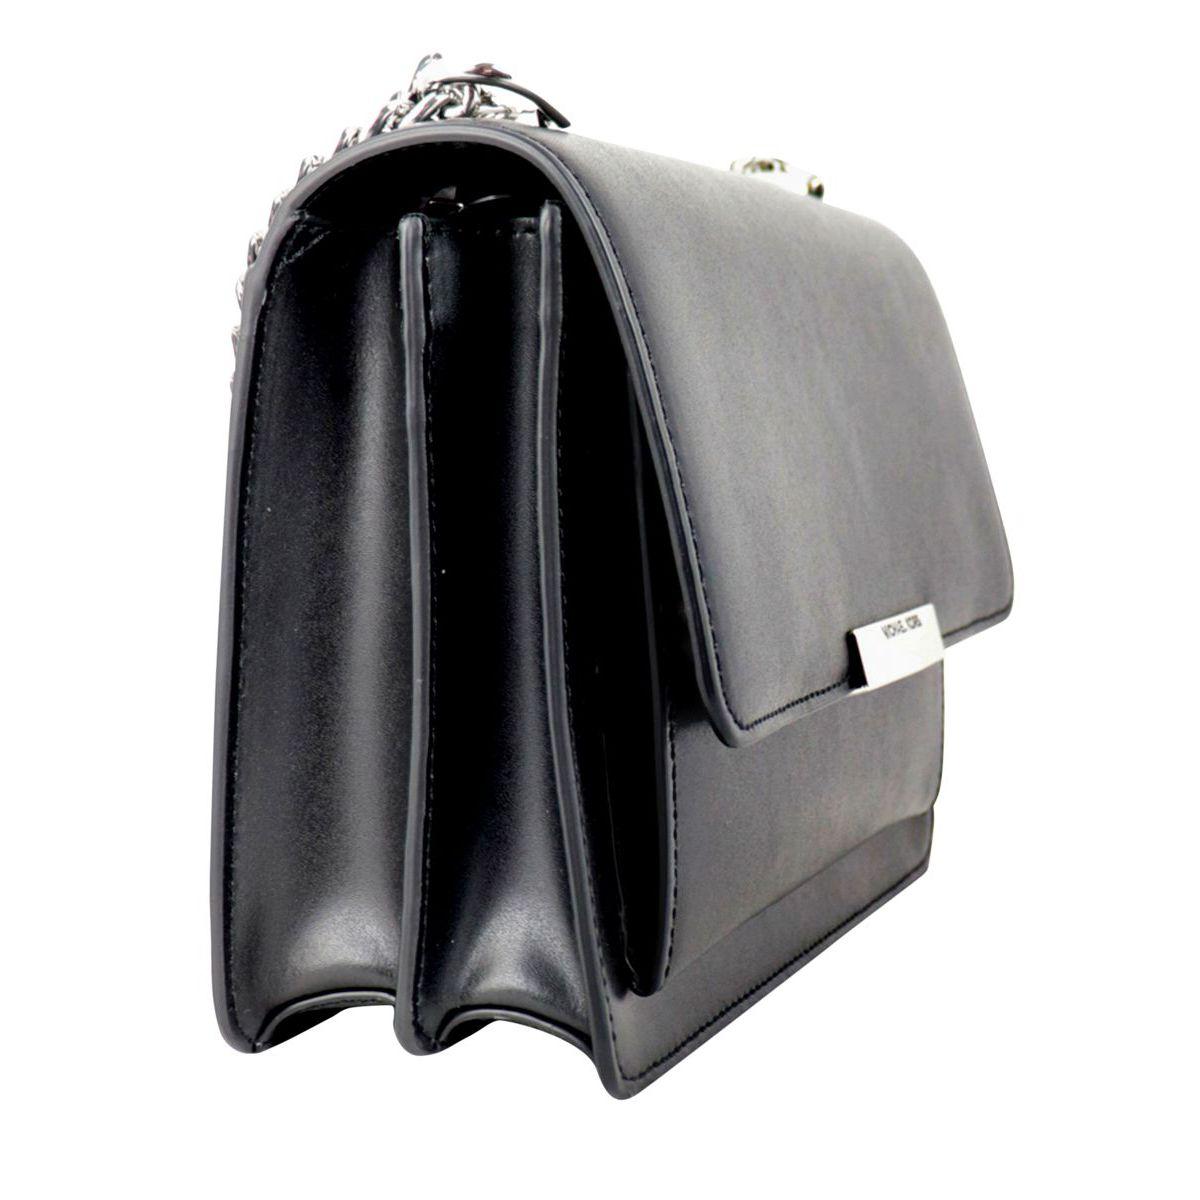 Jade leather shoulder bag Black Michael Kors